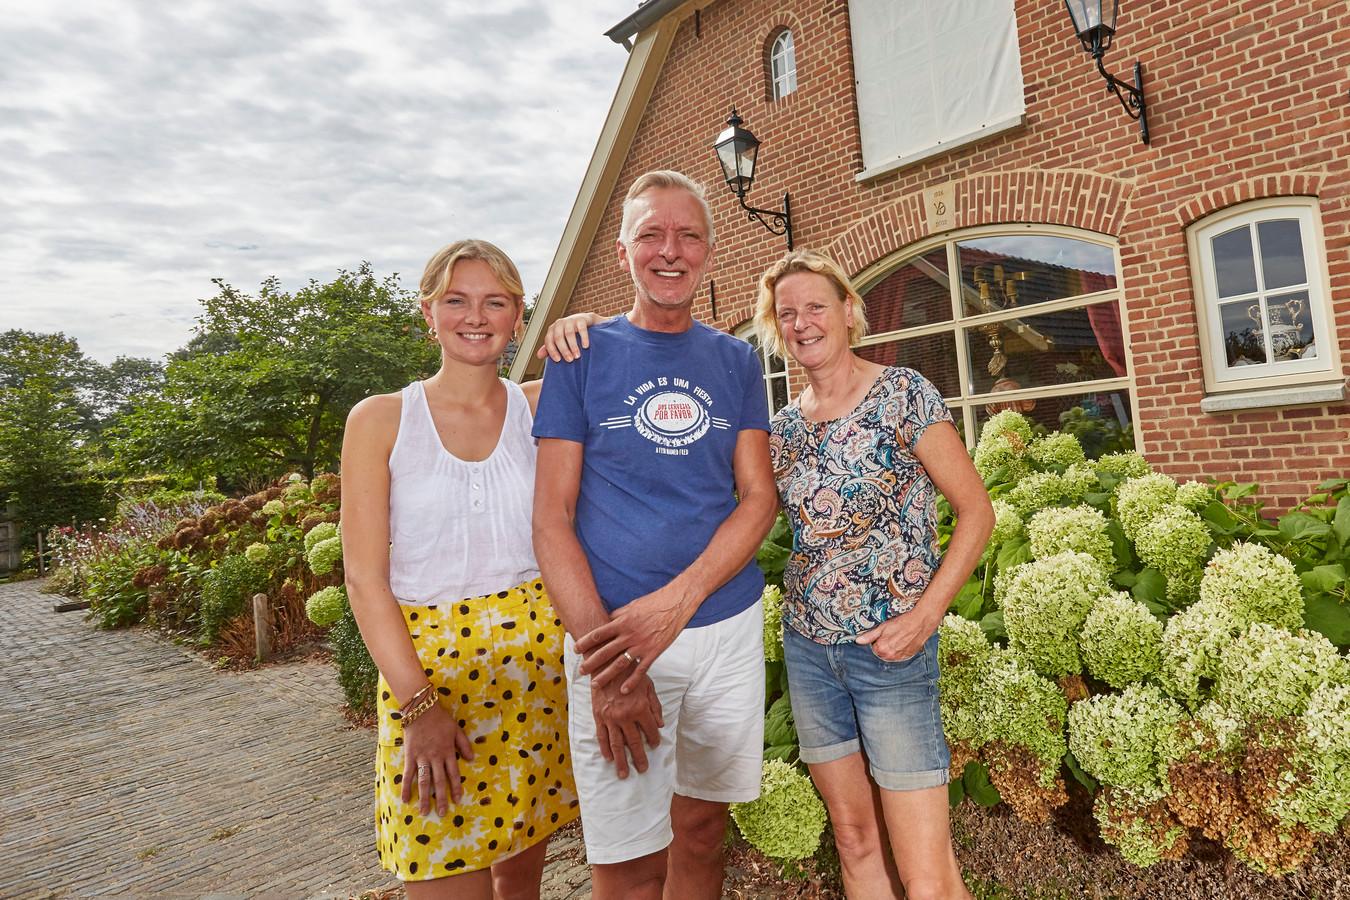 De familie Meiland voor hun nieuwe woning in Hengelo: Maxime, Martien en Erica.